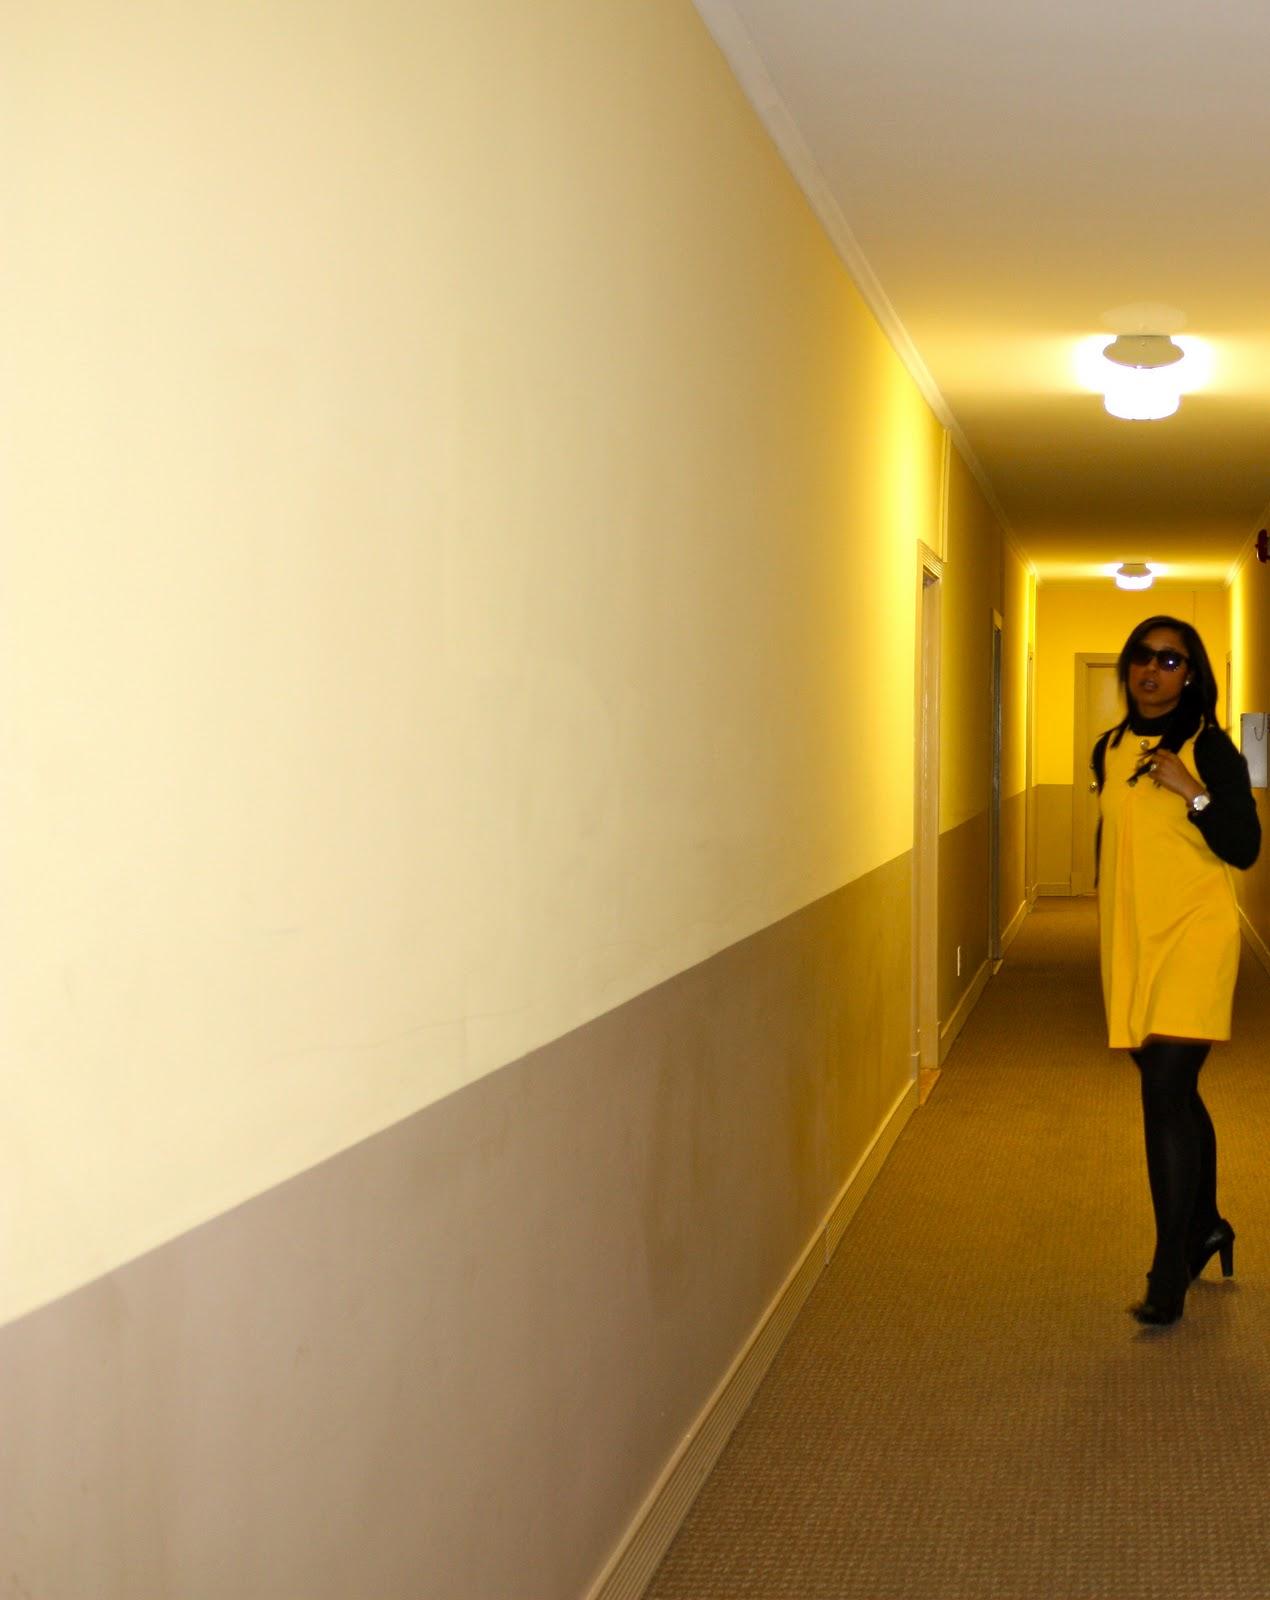 http://1.bp.blogspot.com/-EWchx7sY-KA/TZJtQQ_BDAI/AAAAAAAAAZg/NuKYSy4gZ1w/s1600/good+depth+pic.JPG